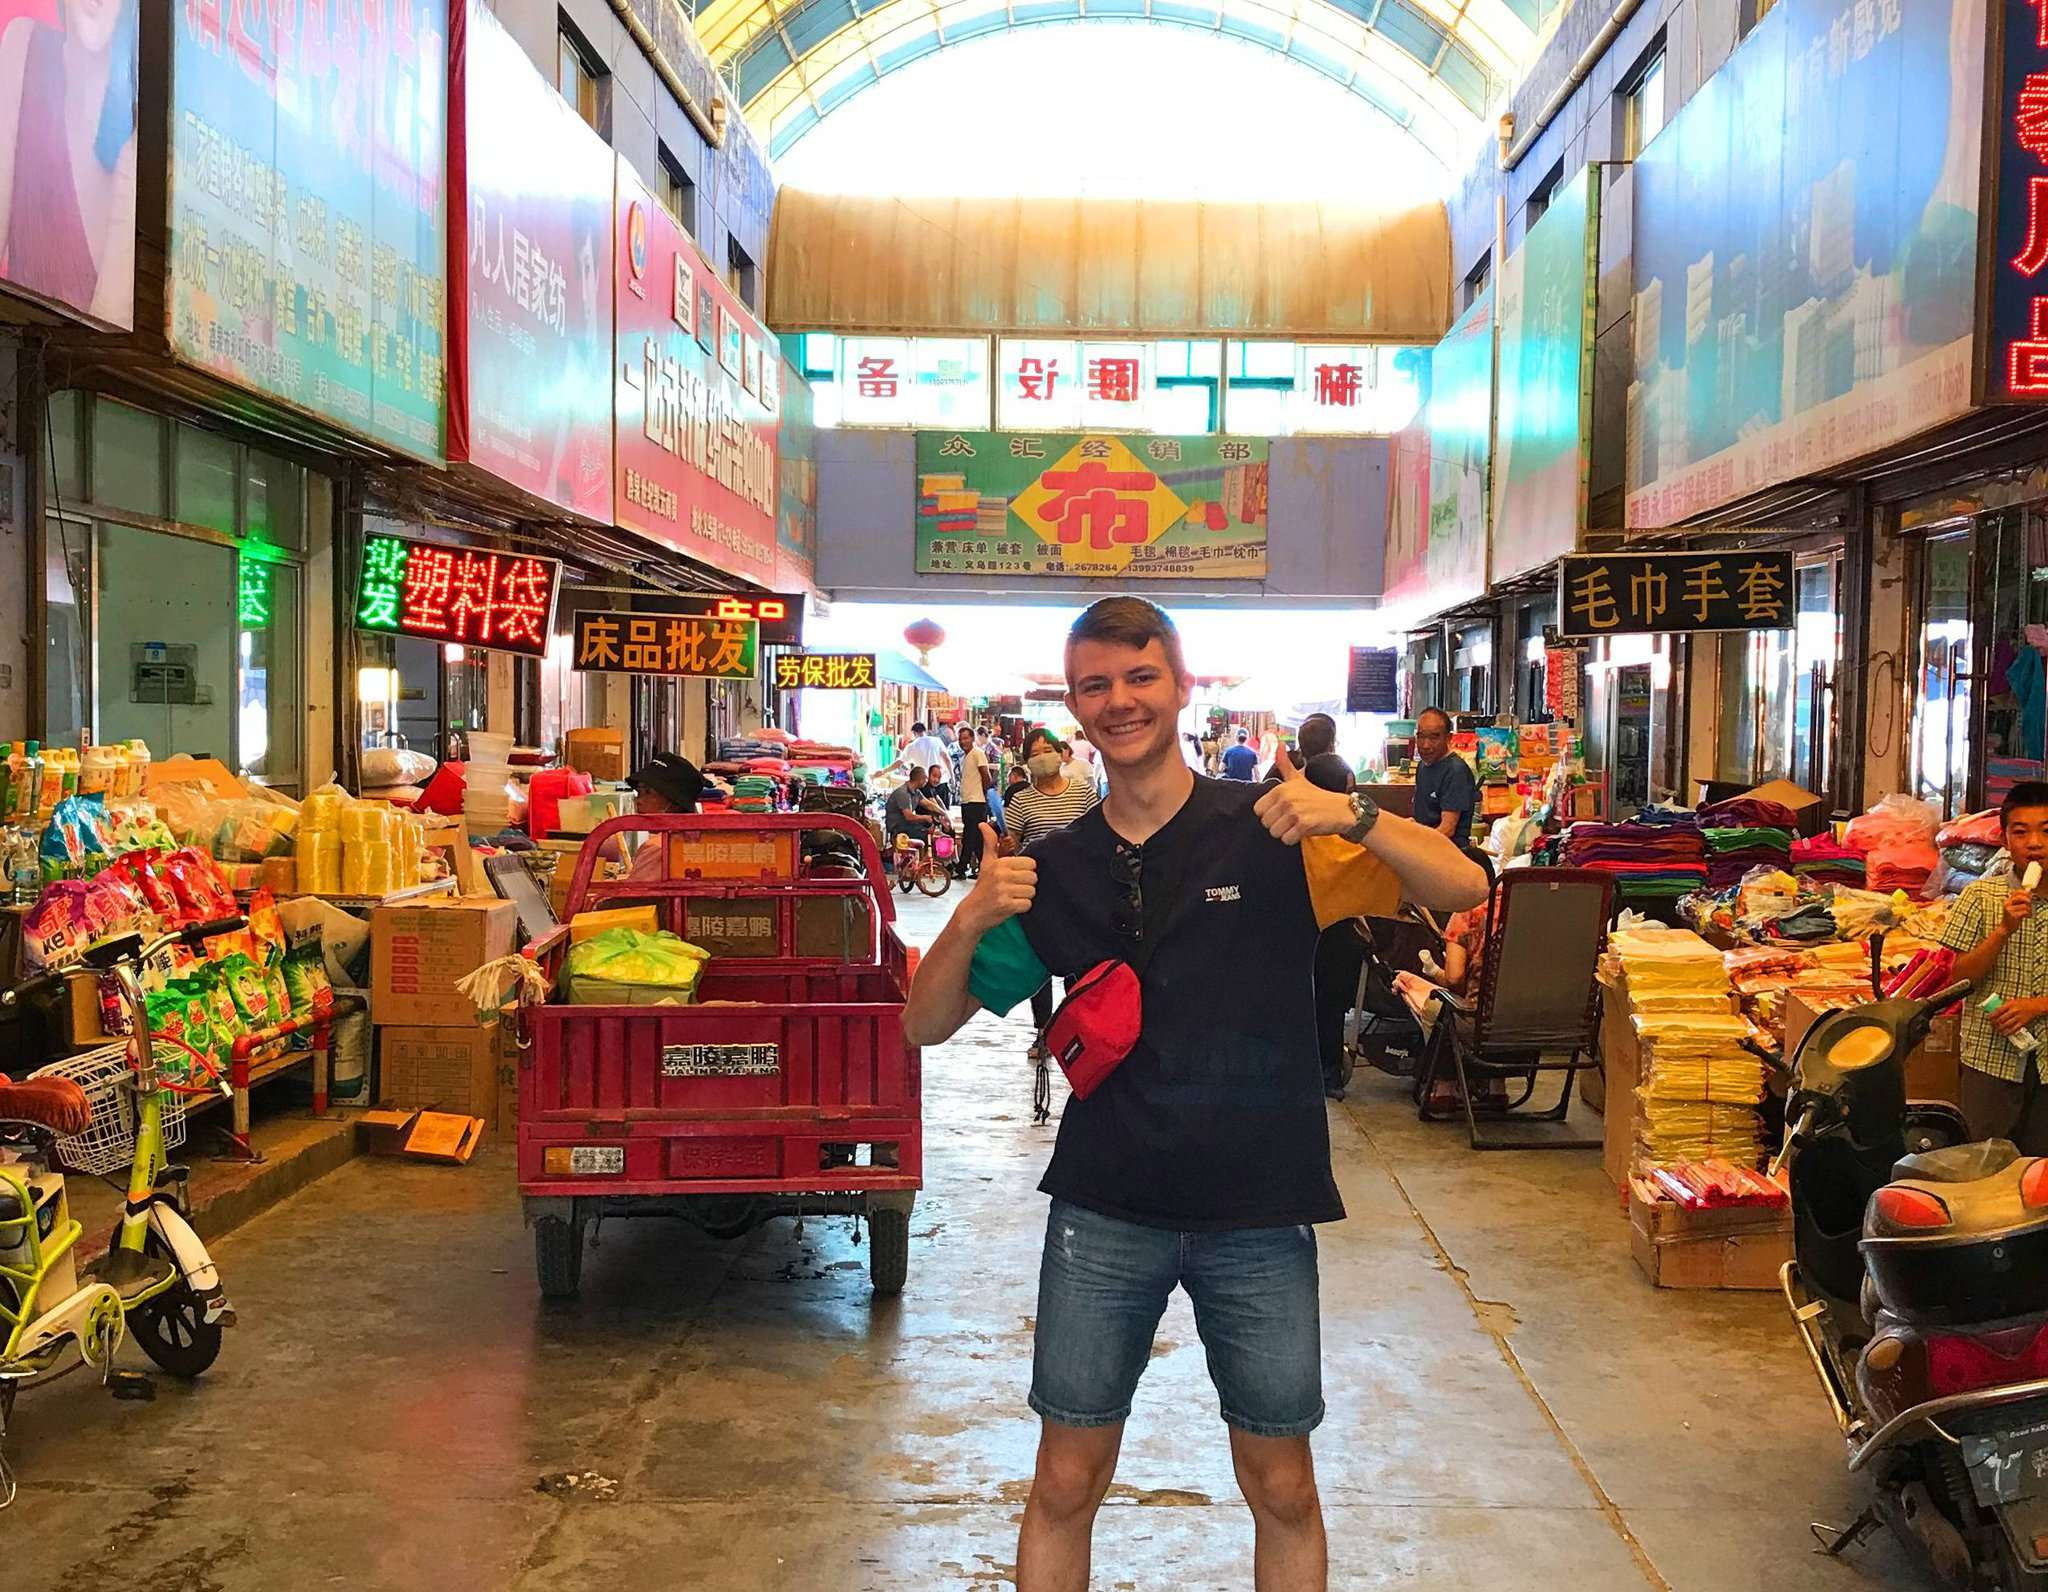 Aaron Kruse ist gut in China angekommen. Er berichtet, dass die Menschen ihn freundlich empfangen.